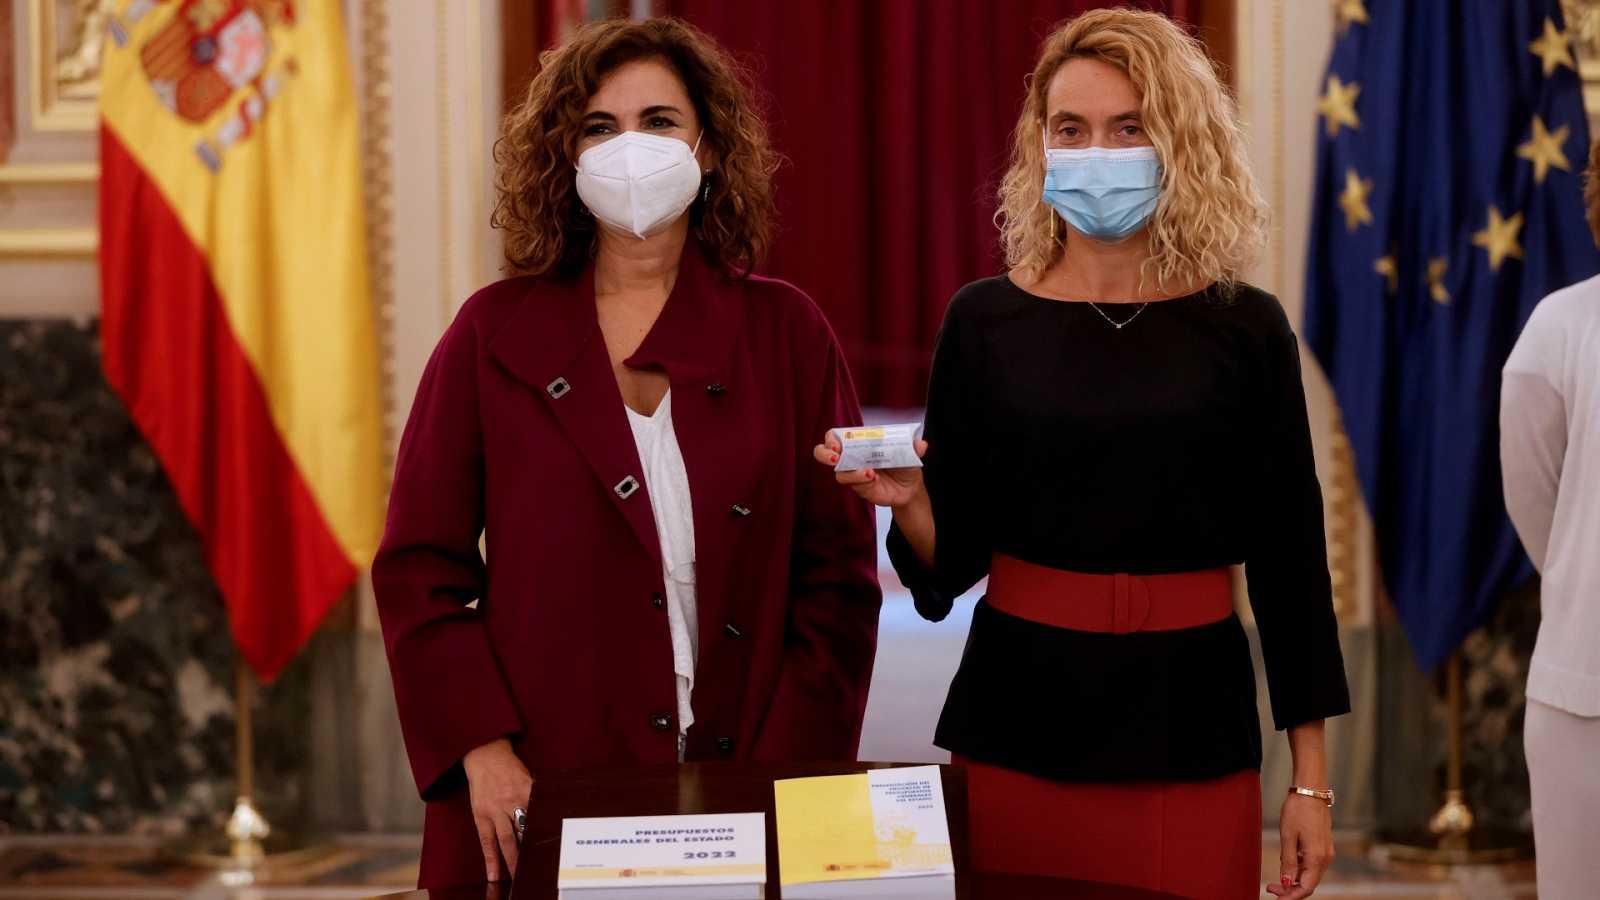 La ministra de Hacienda, María Jesús Montero (i), y la presidenta del Congreso, Meritxell Batet, presentan el proyecto de Ley